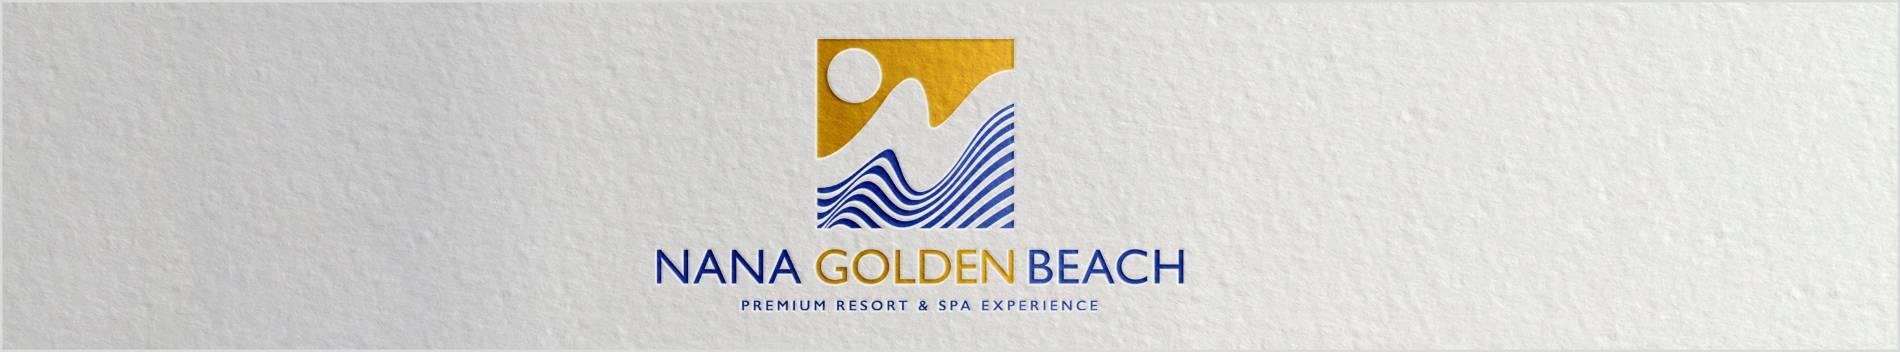 Nana Golden Beach header